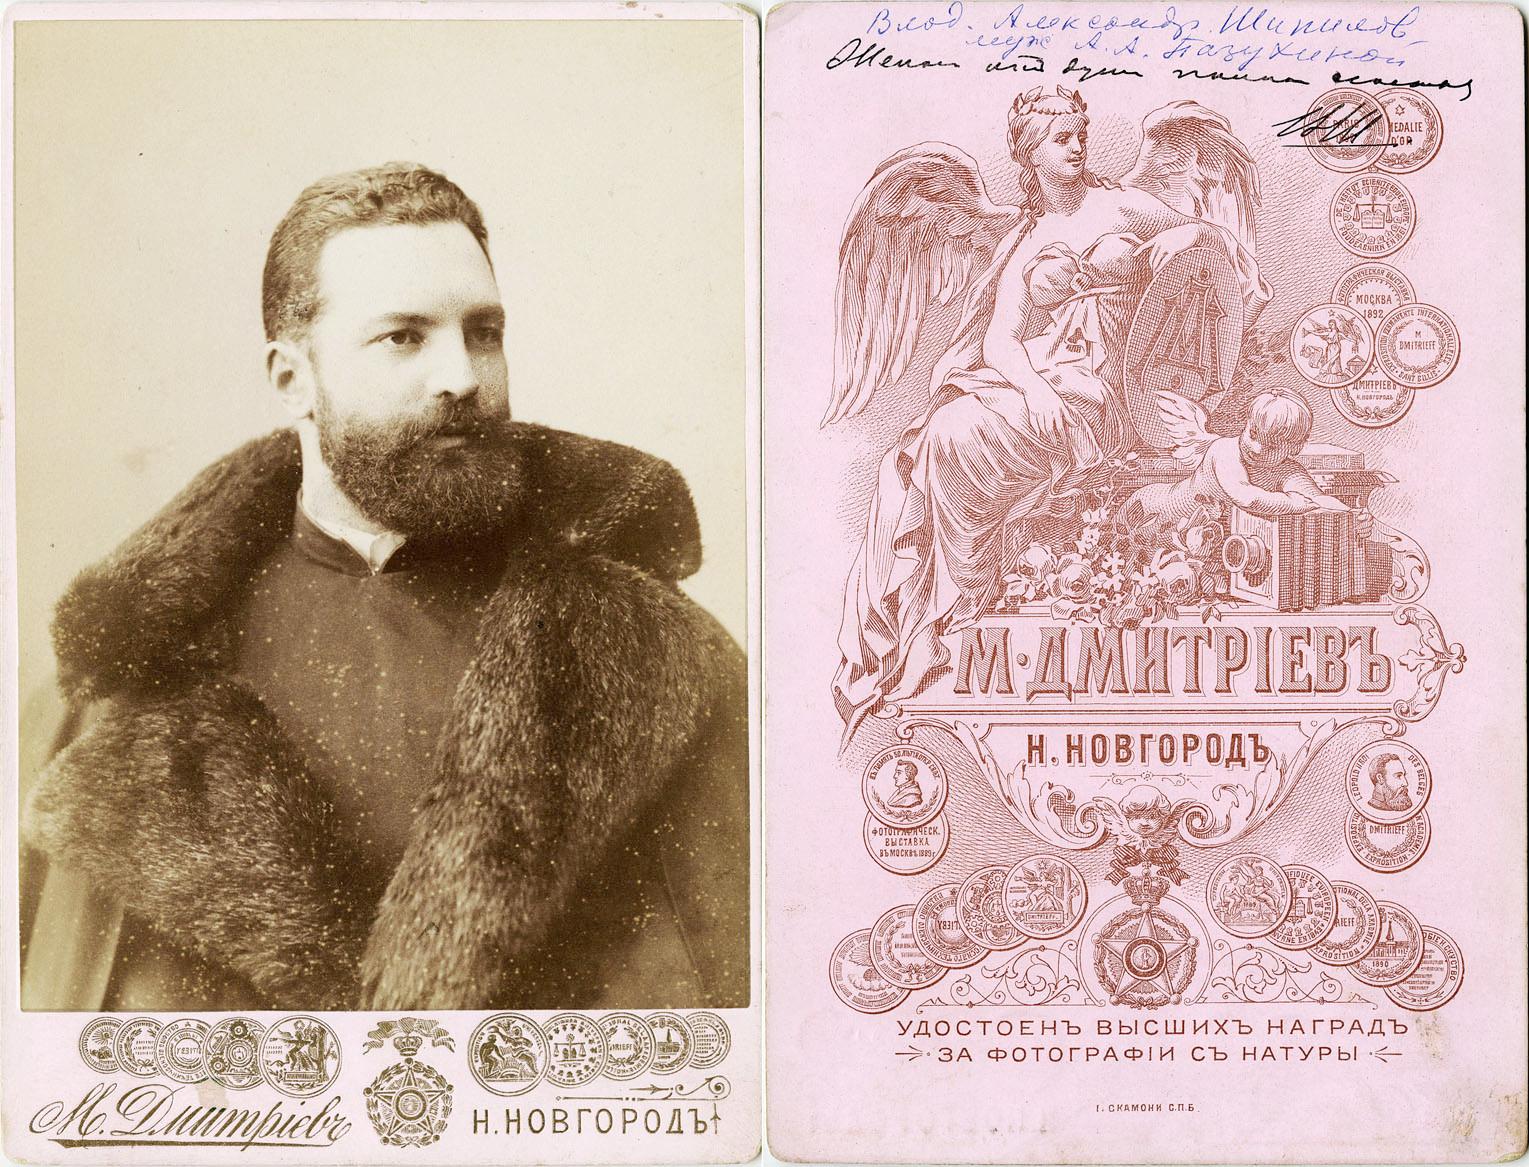 SHIPILOV, V. A. (Шипилов В.А.)